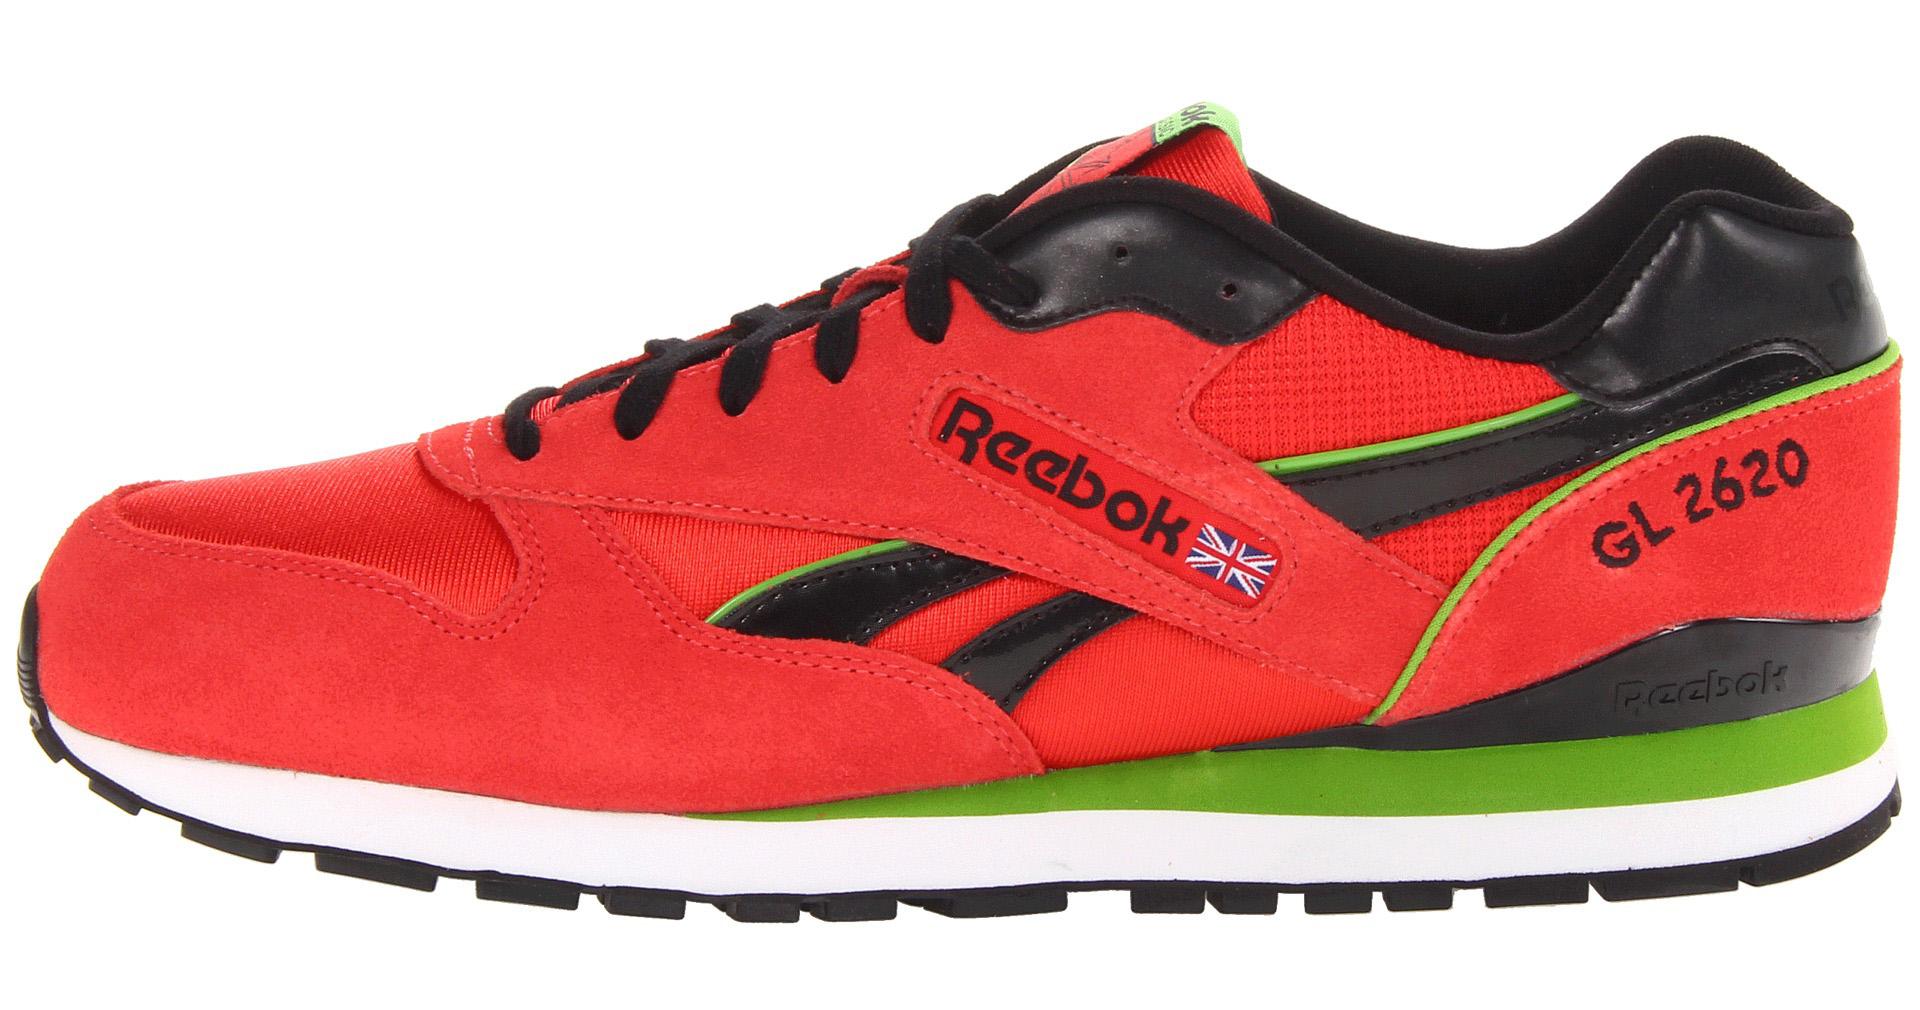 reebok men's gl 2620